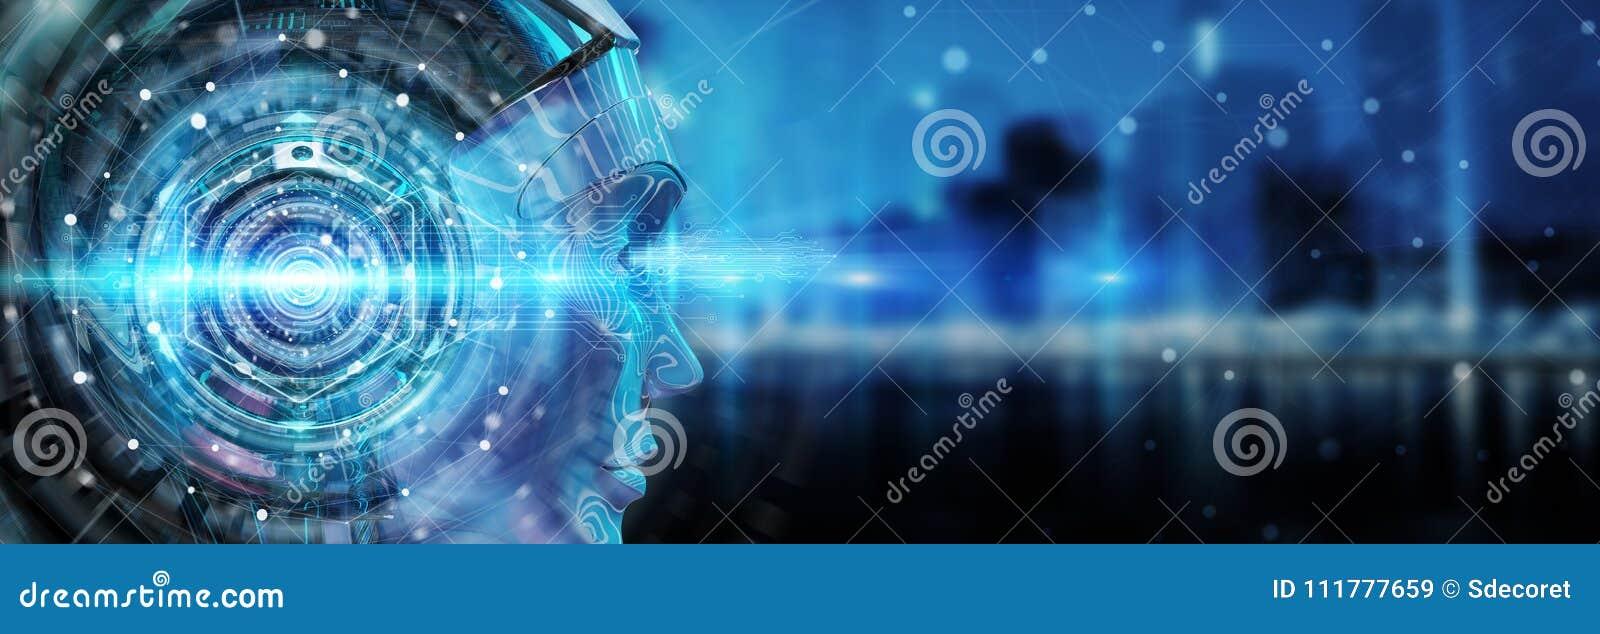 使用人工智能的靠机械装置维持生命的人头创造数字式inte